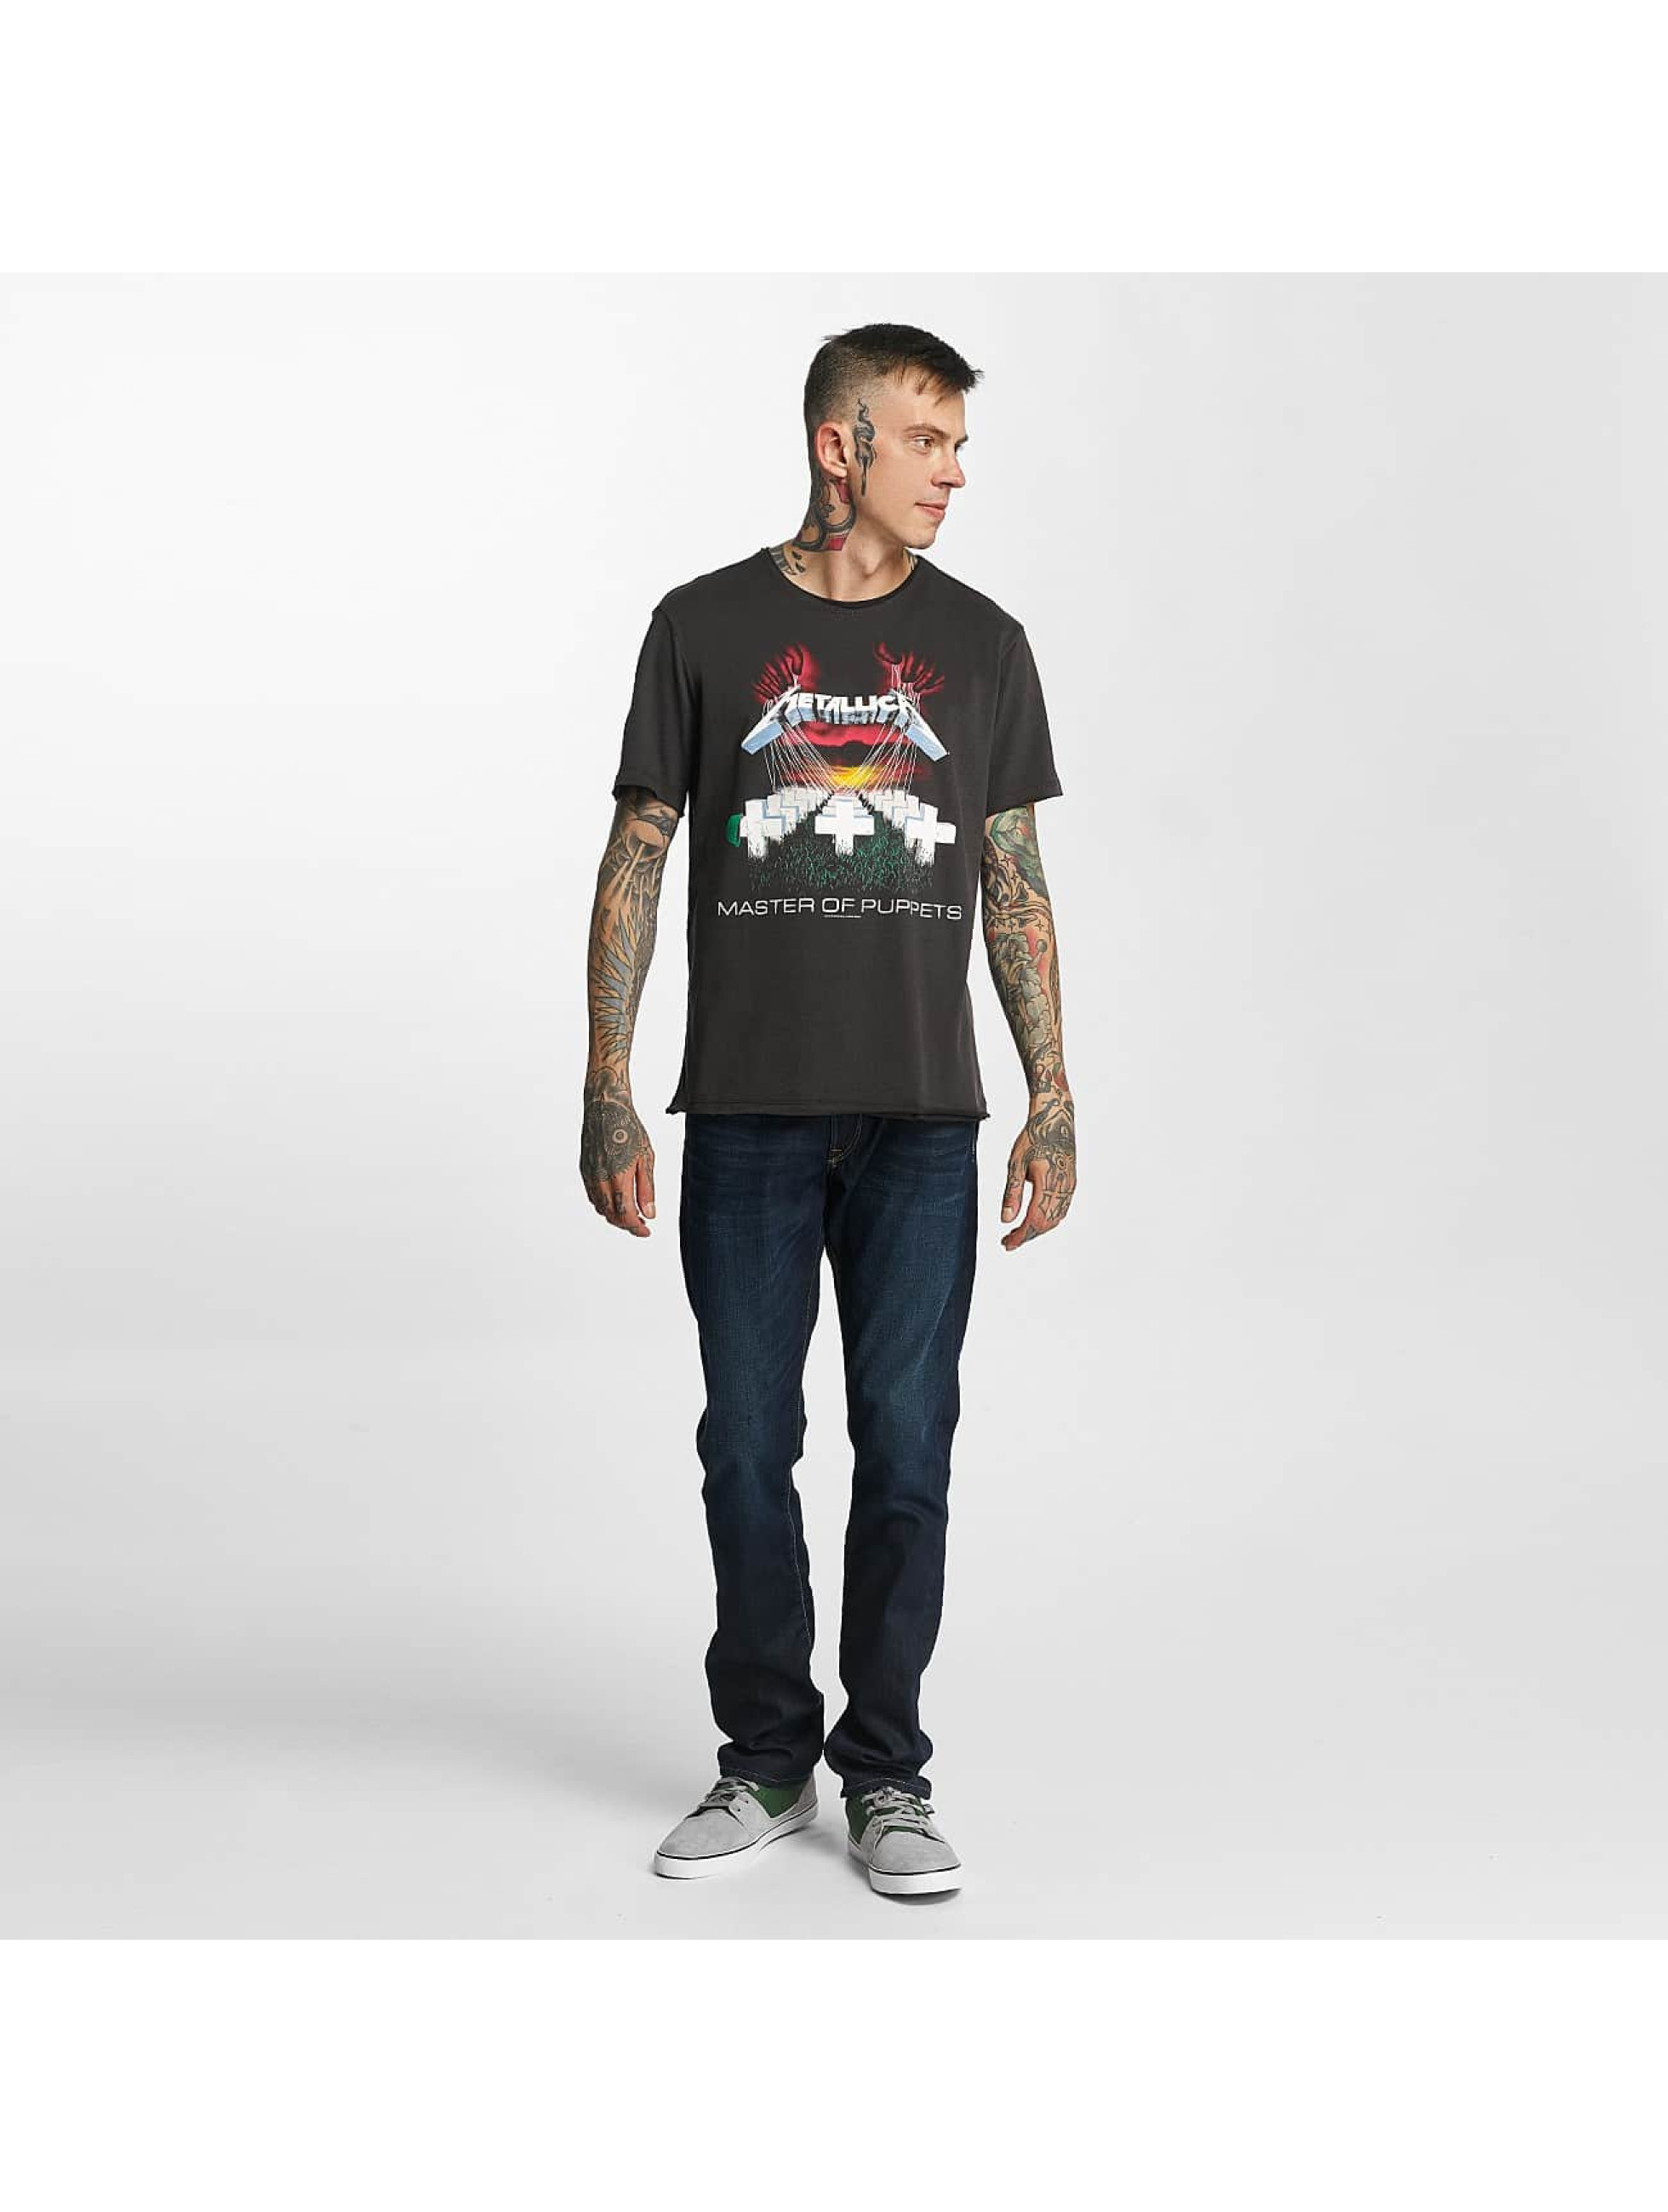 Amplified t-shirt Metallica MOP grijs